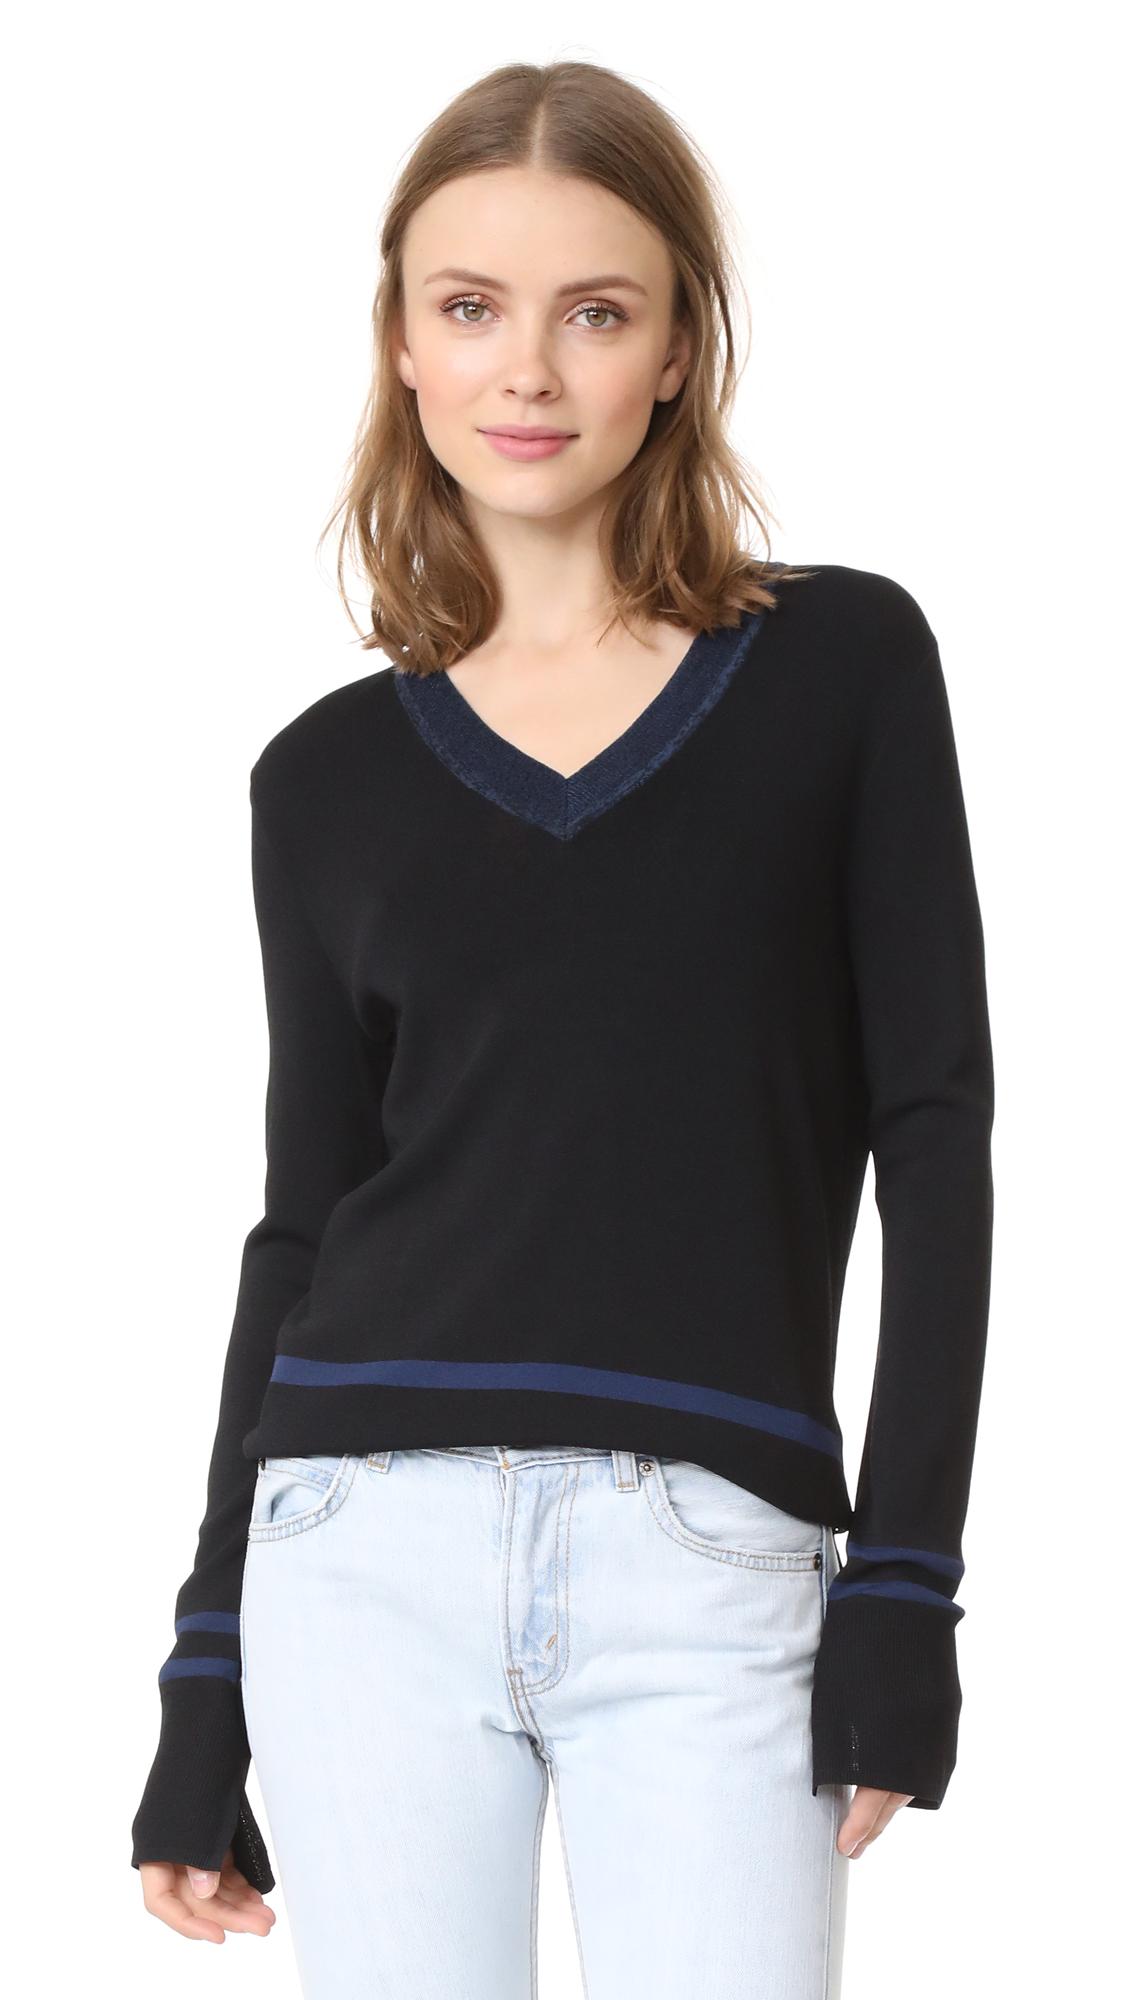 Scotch & Soda/Maison Scotch Sporty Sweater - Black